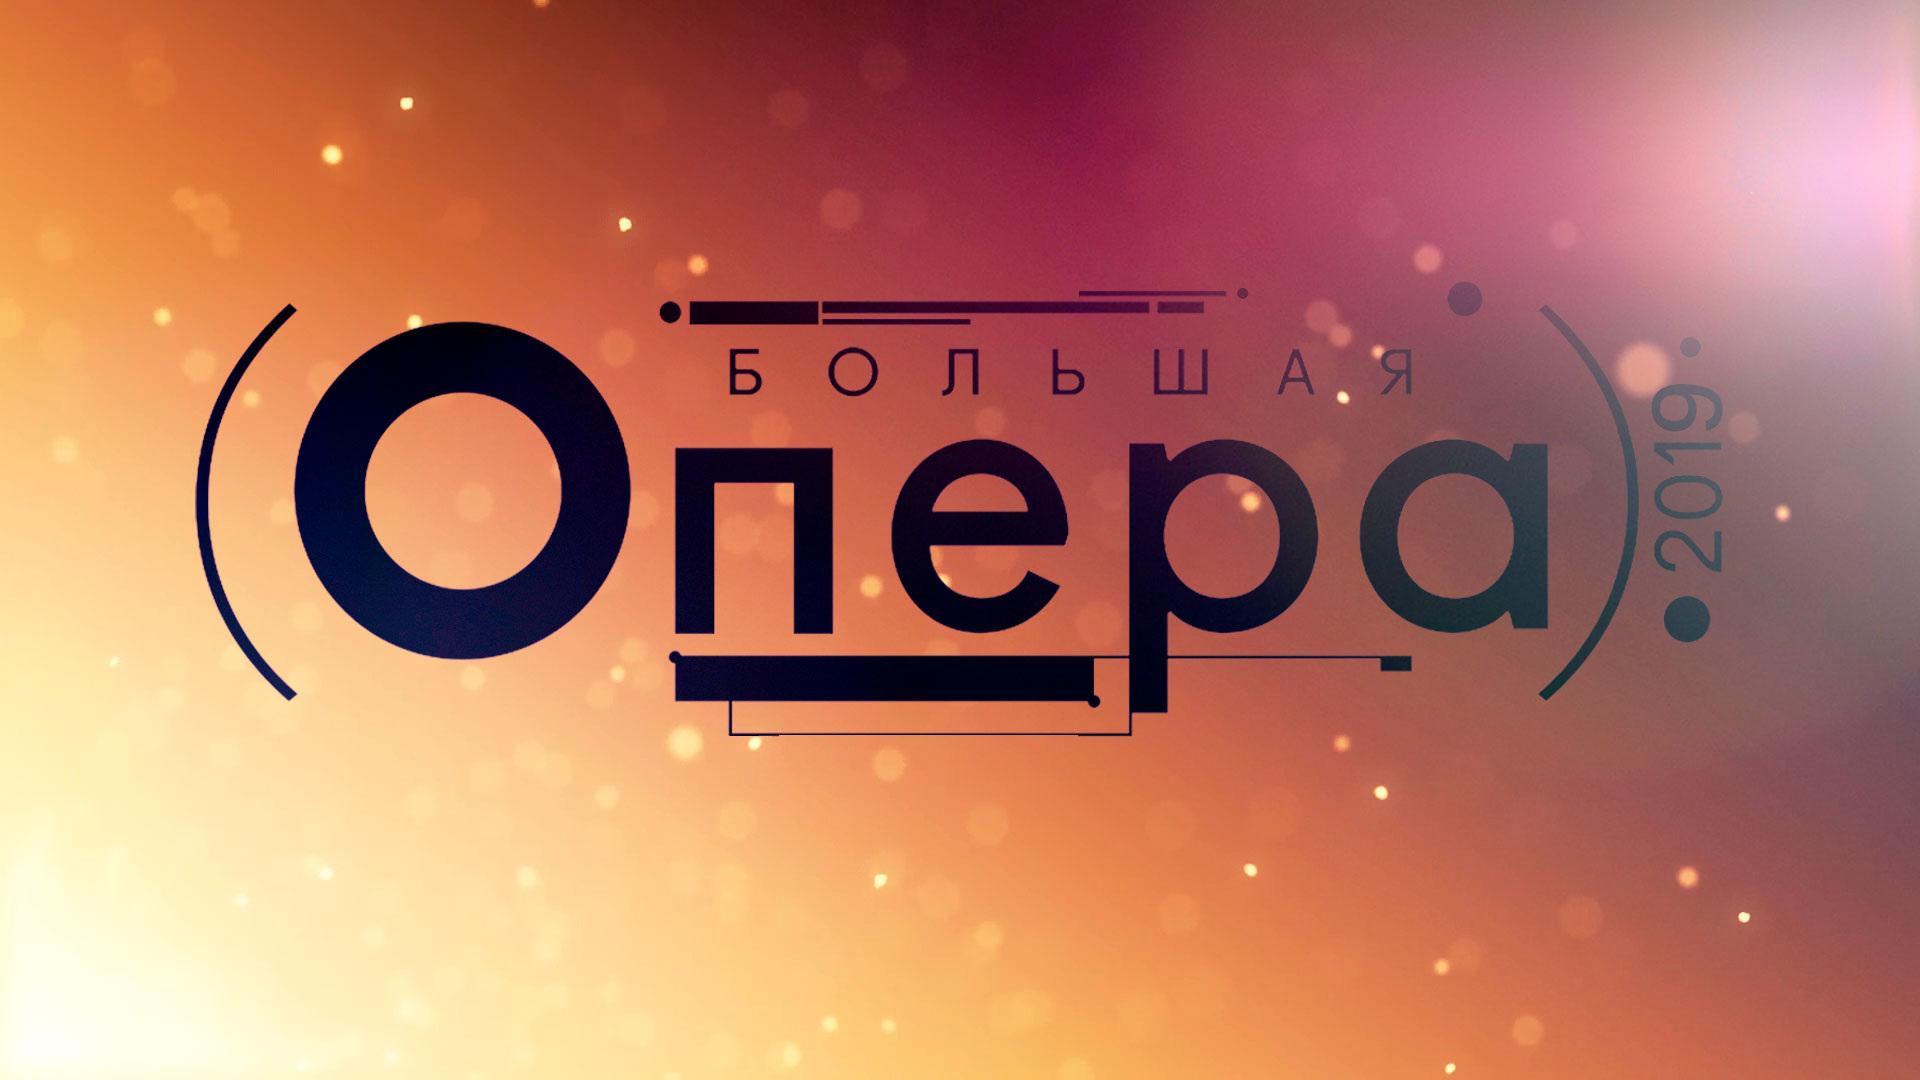 Большая опера – 2019 (шестой сезон)